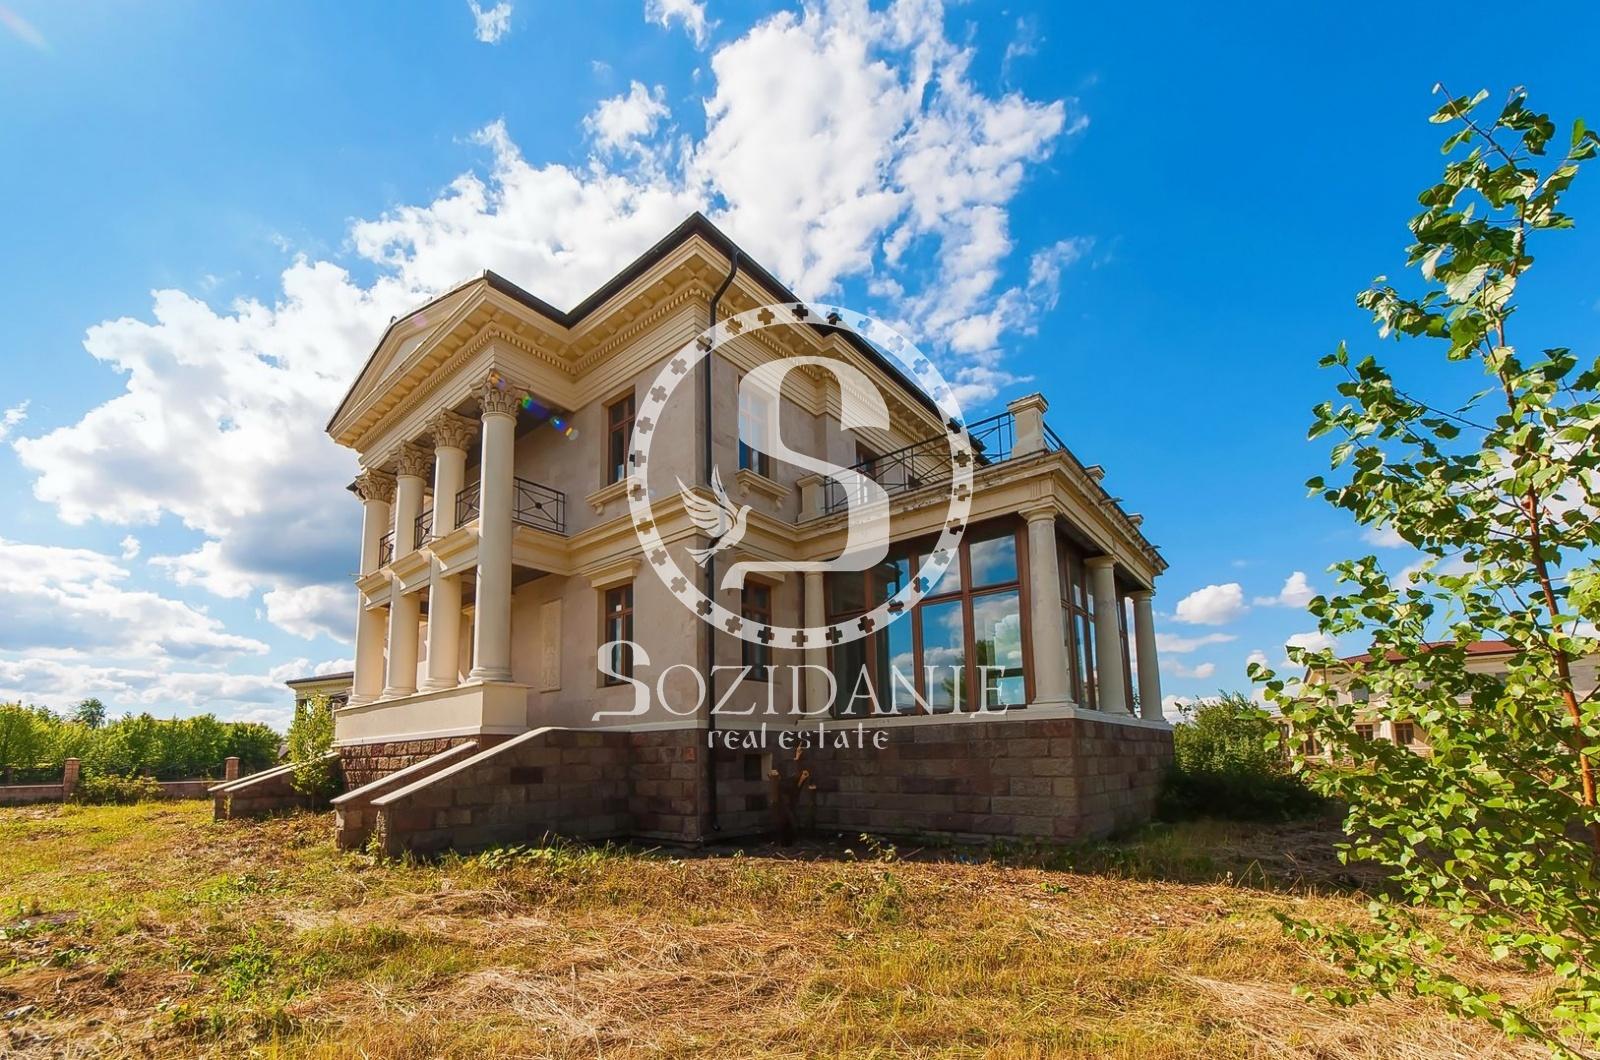 4 Bedrooms, Загородная, Продажа, Listing ID 1061, Московская область, Россия,